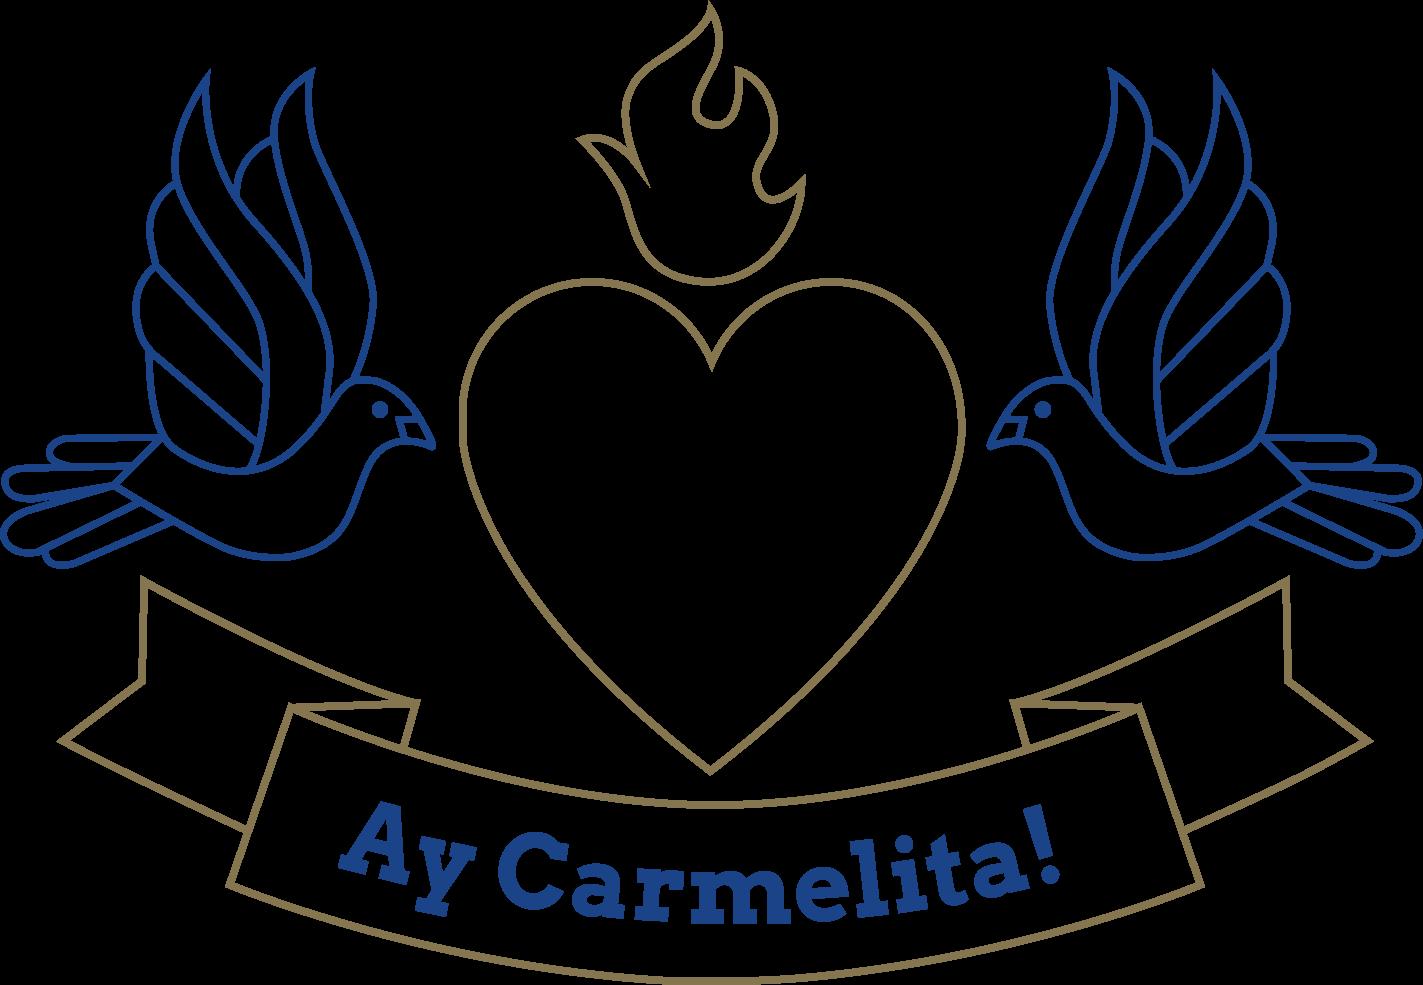 Ay Carmelita